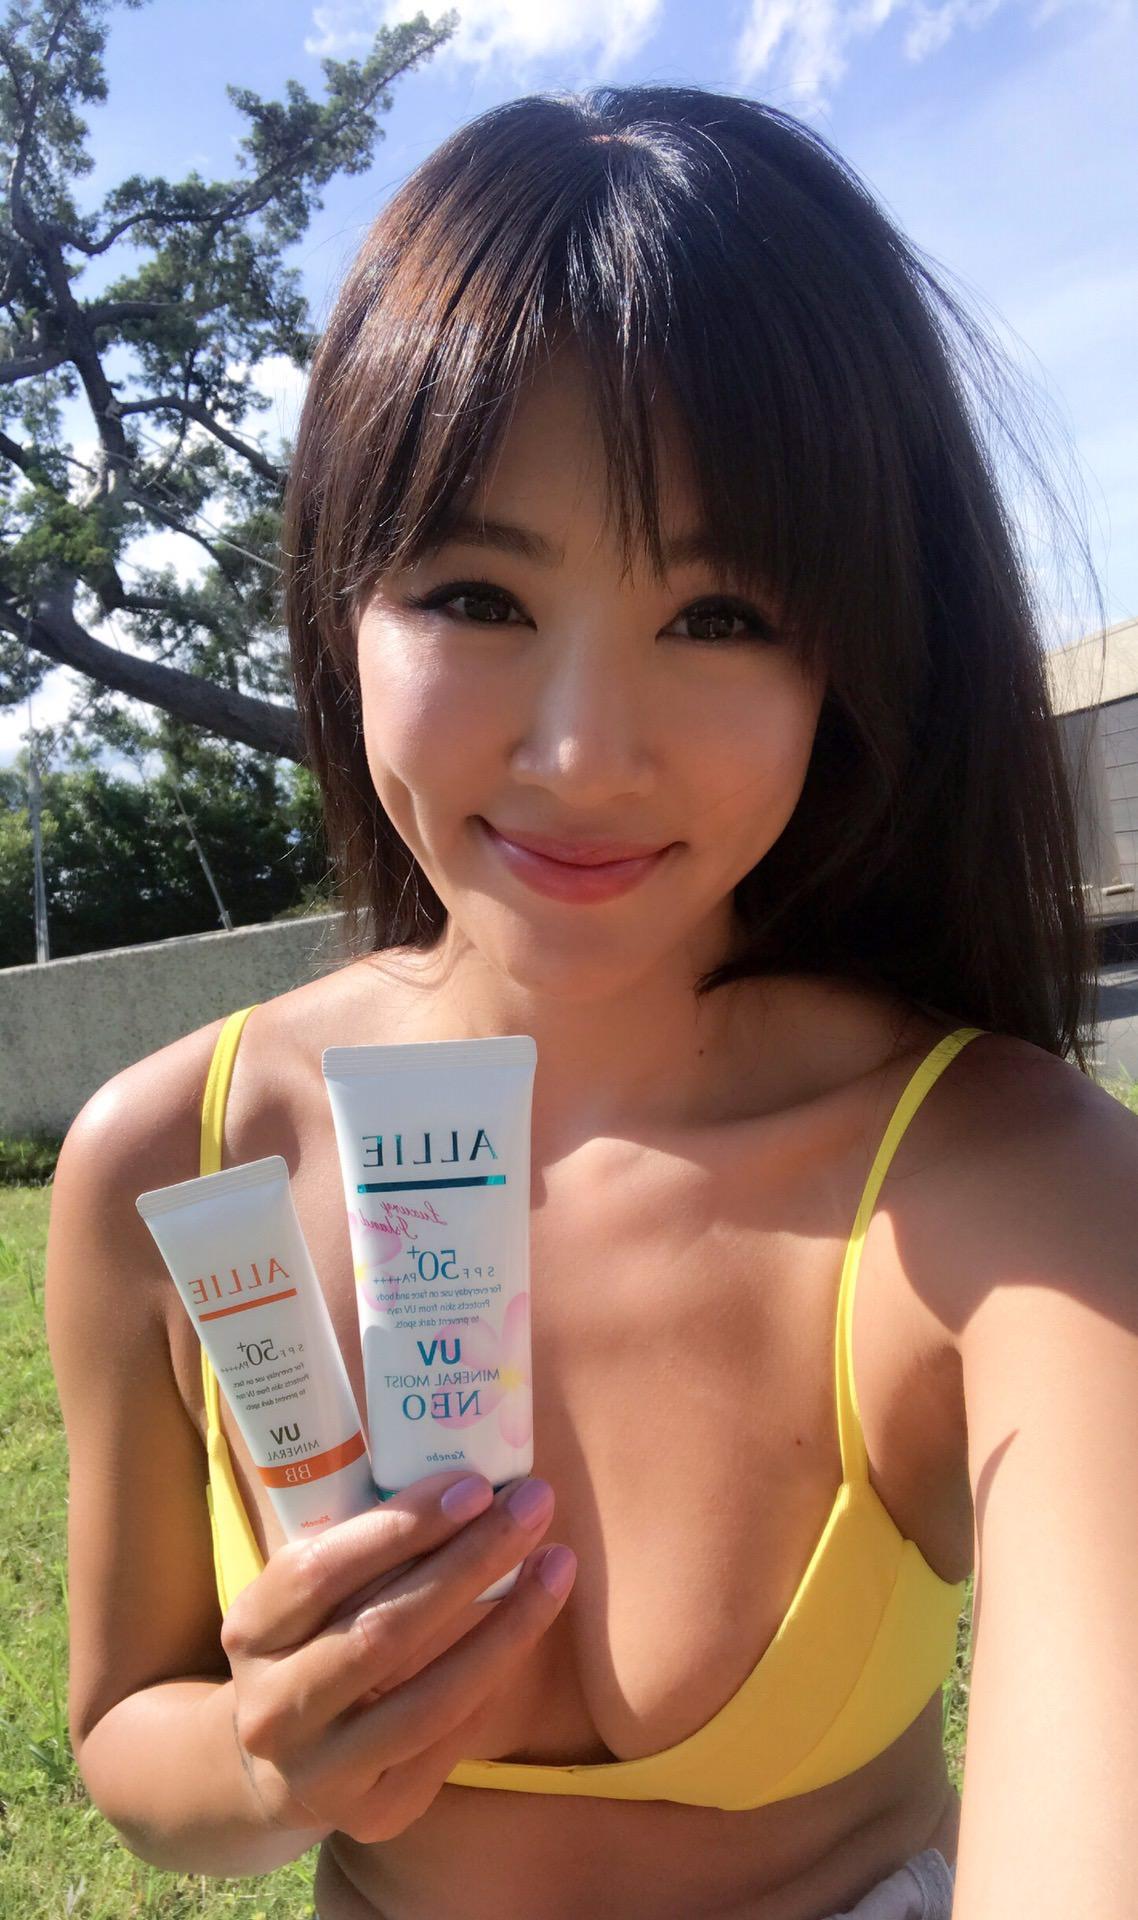 享受夏日陽光的秘密武器–佳麗寶高效防曬乳使用心得❤